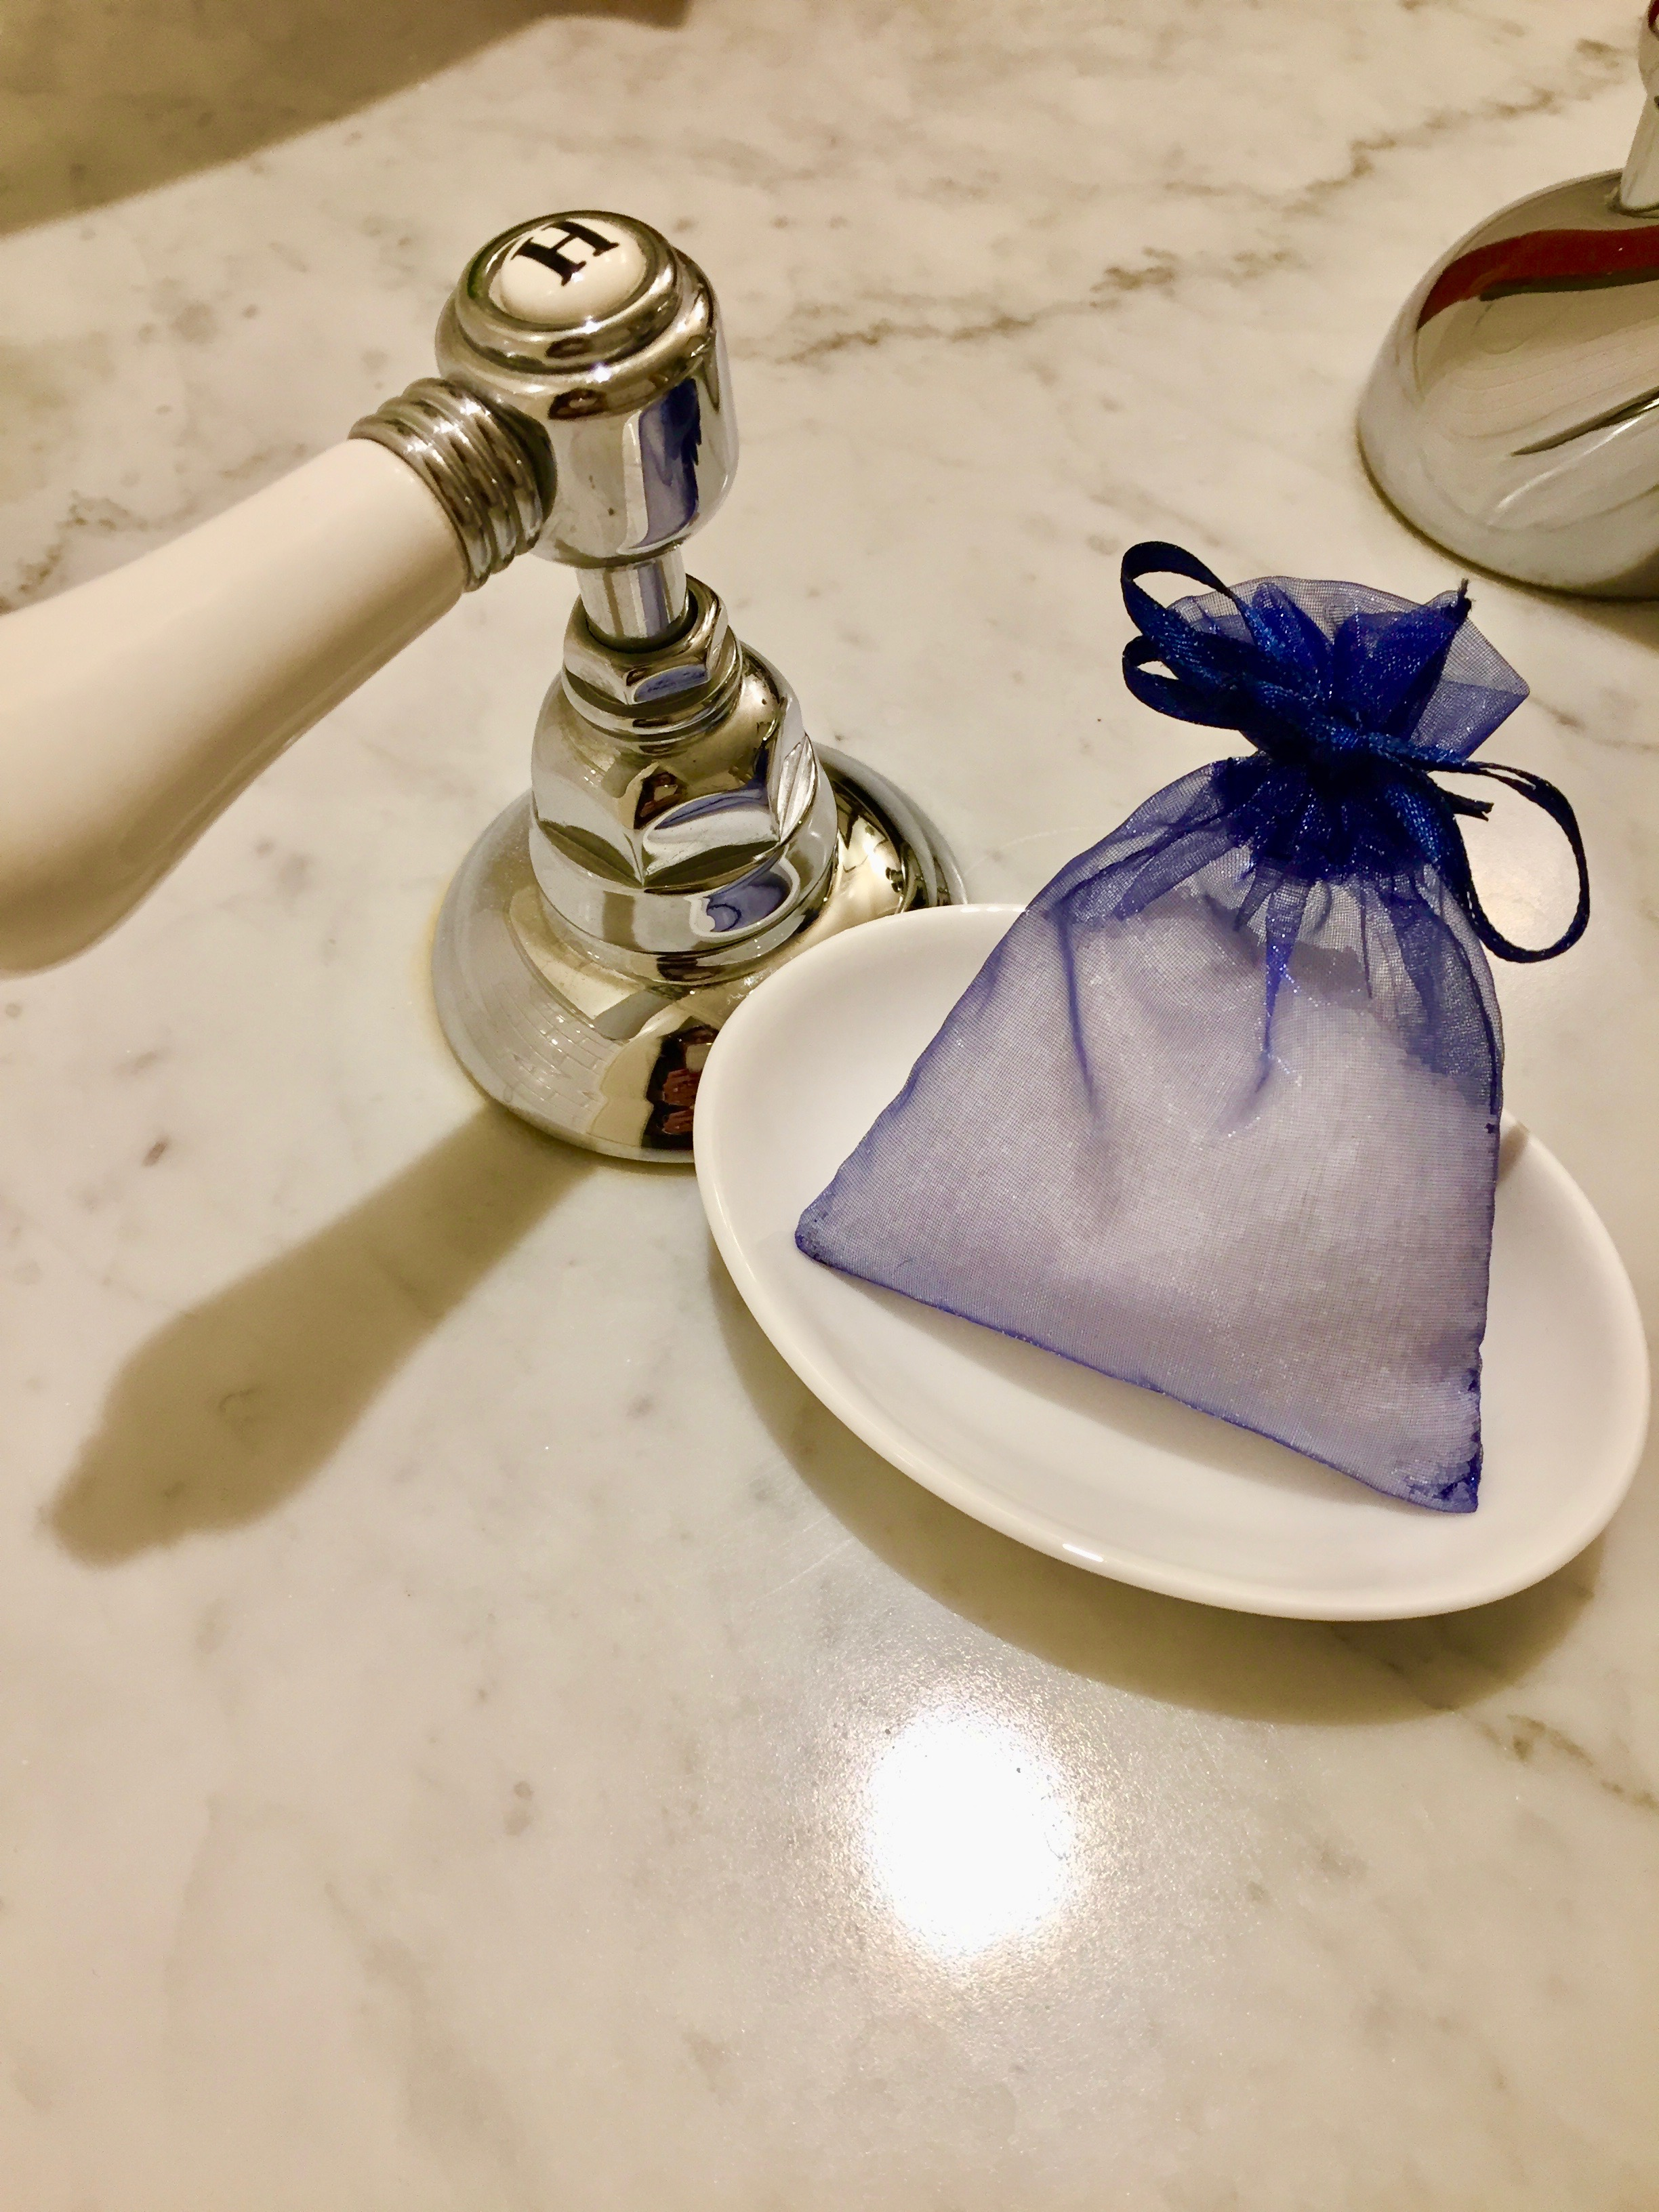 bath salts simple pleasure little touches